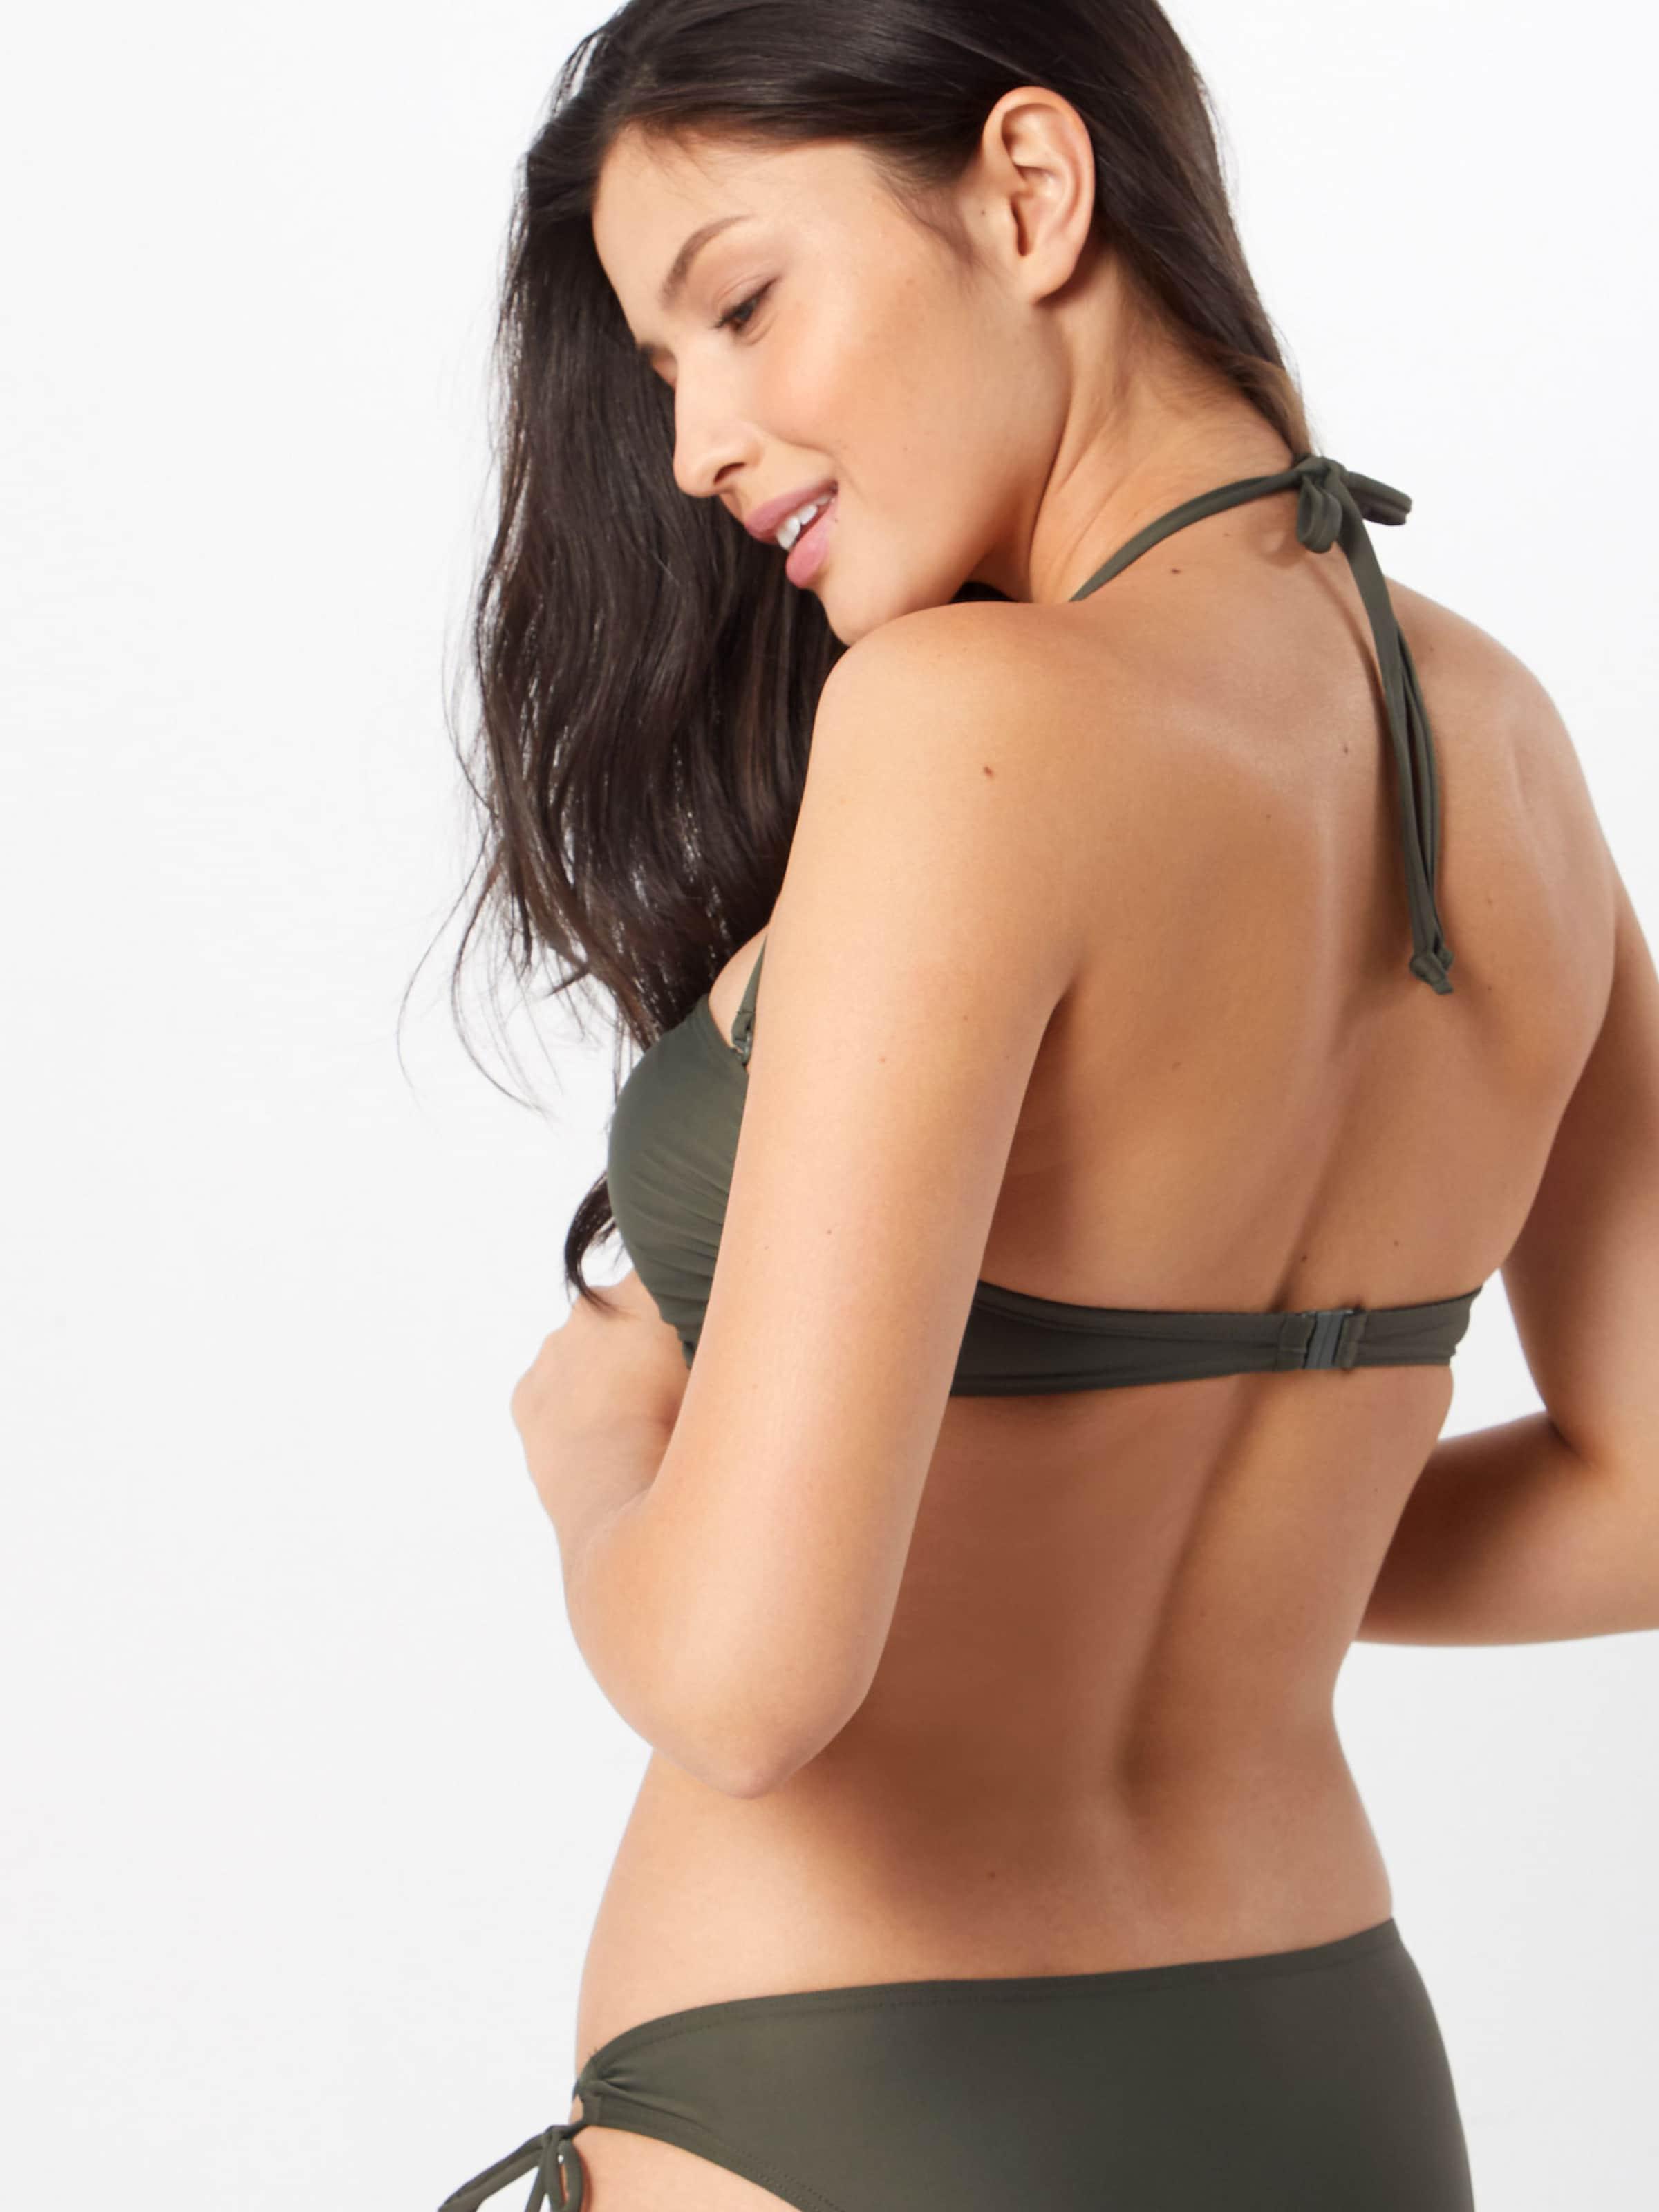 Hauts Bikini De About You En 'melanie' Kaki A34RL5jq